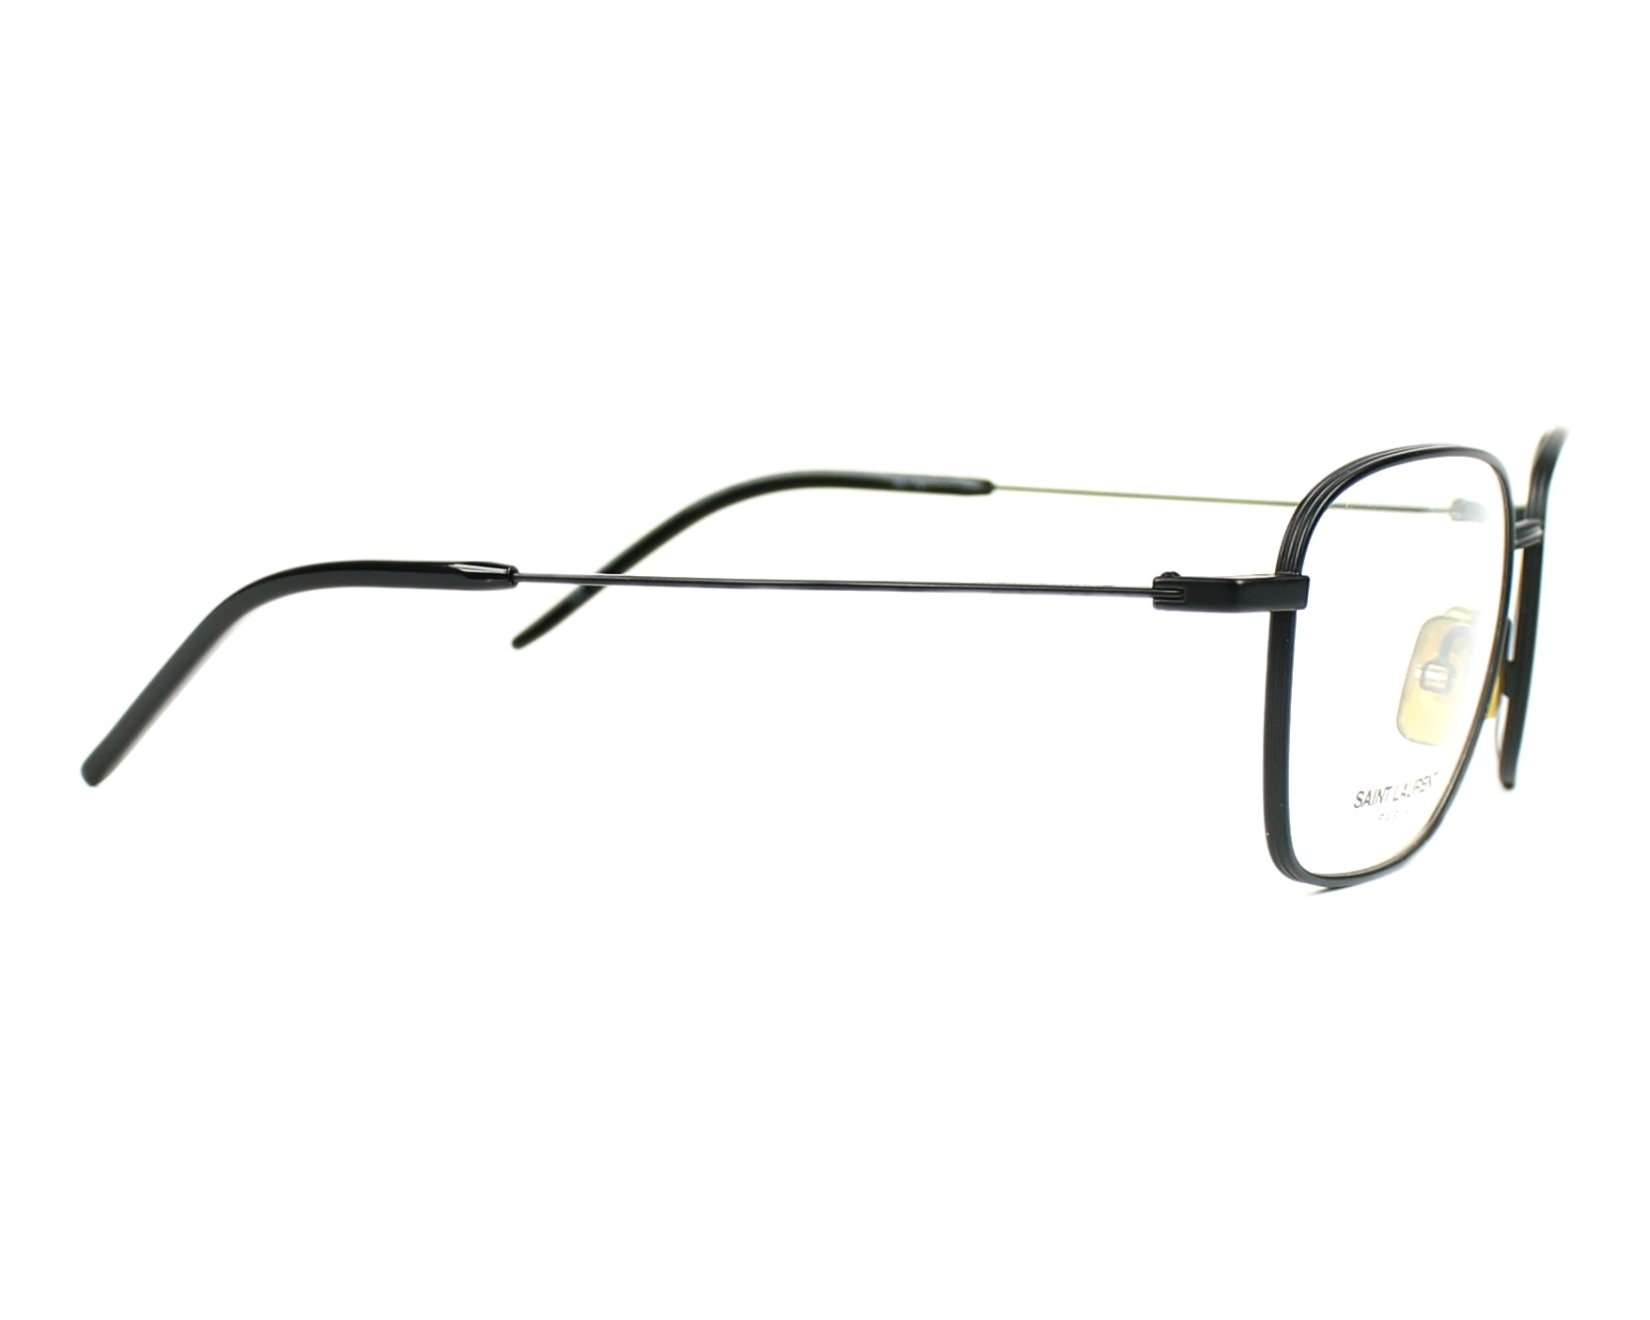 lunettes de vue de yves saint laurent en sl 72 003. Black Bedroom Furniture Sets. Home Design Ideas